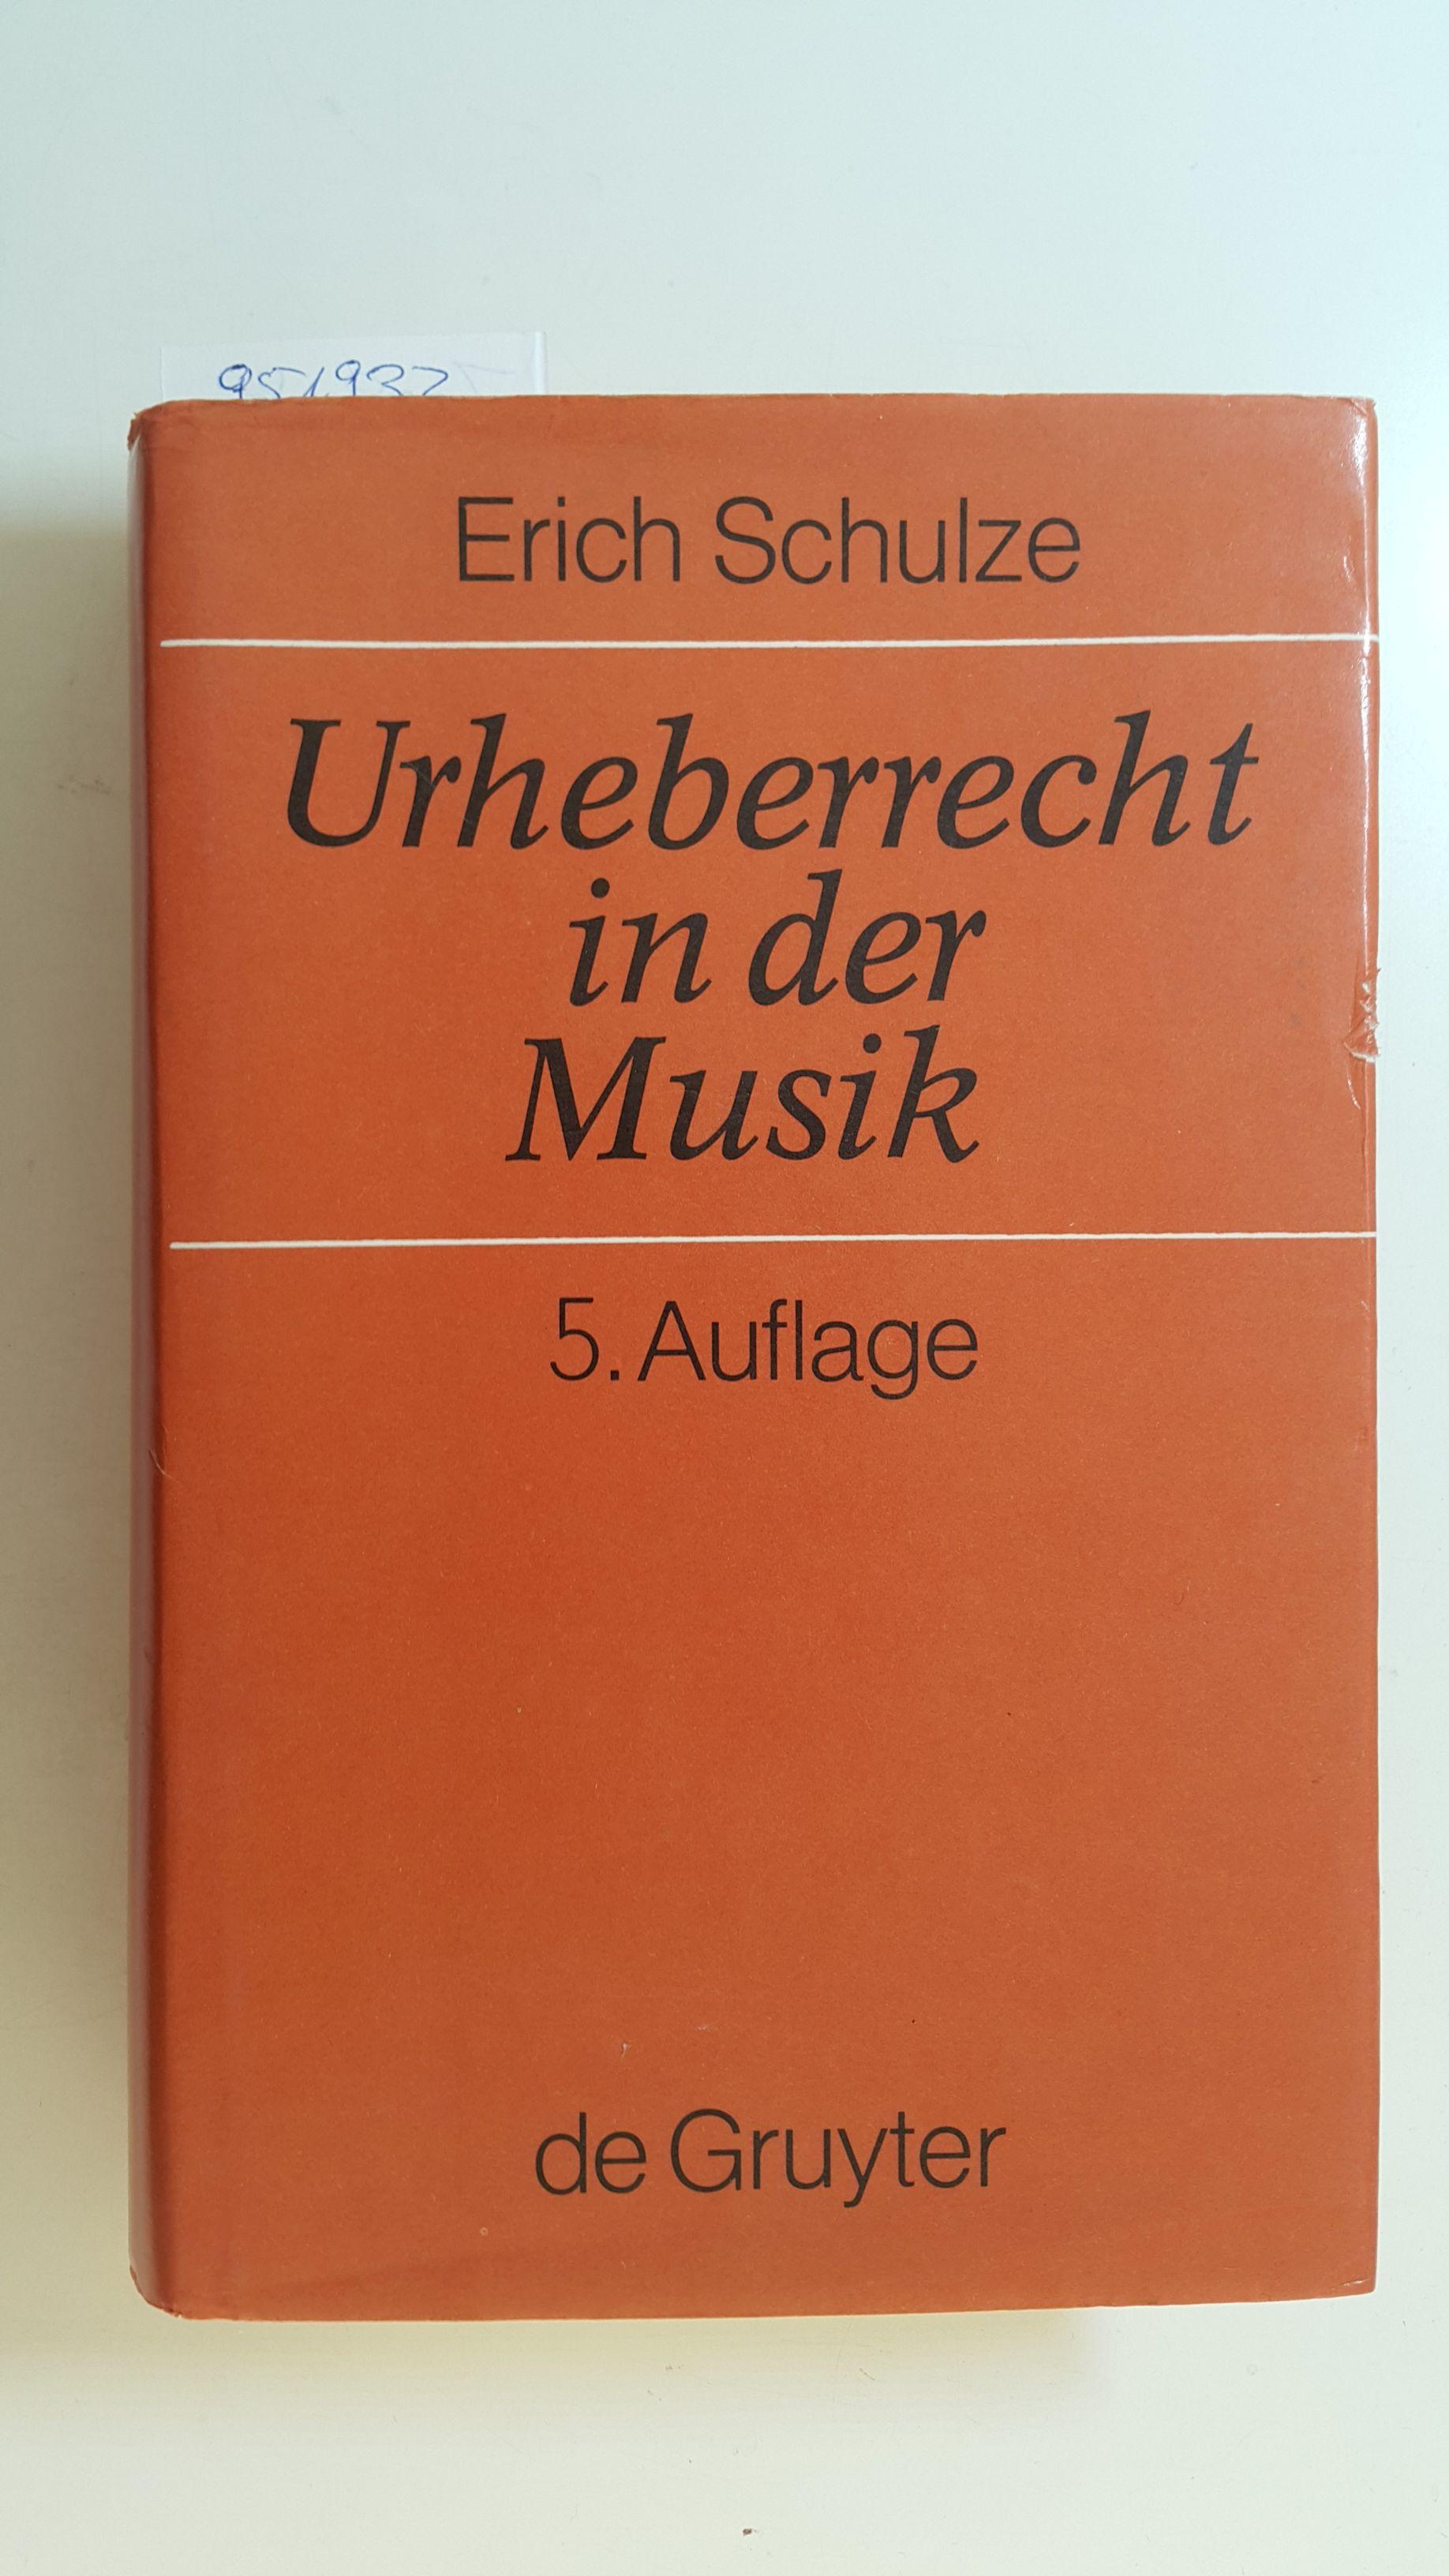 Urheberrecht in der Musik: Schulze, Erich